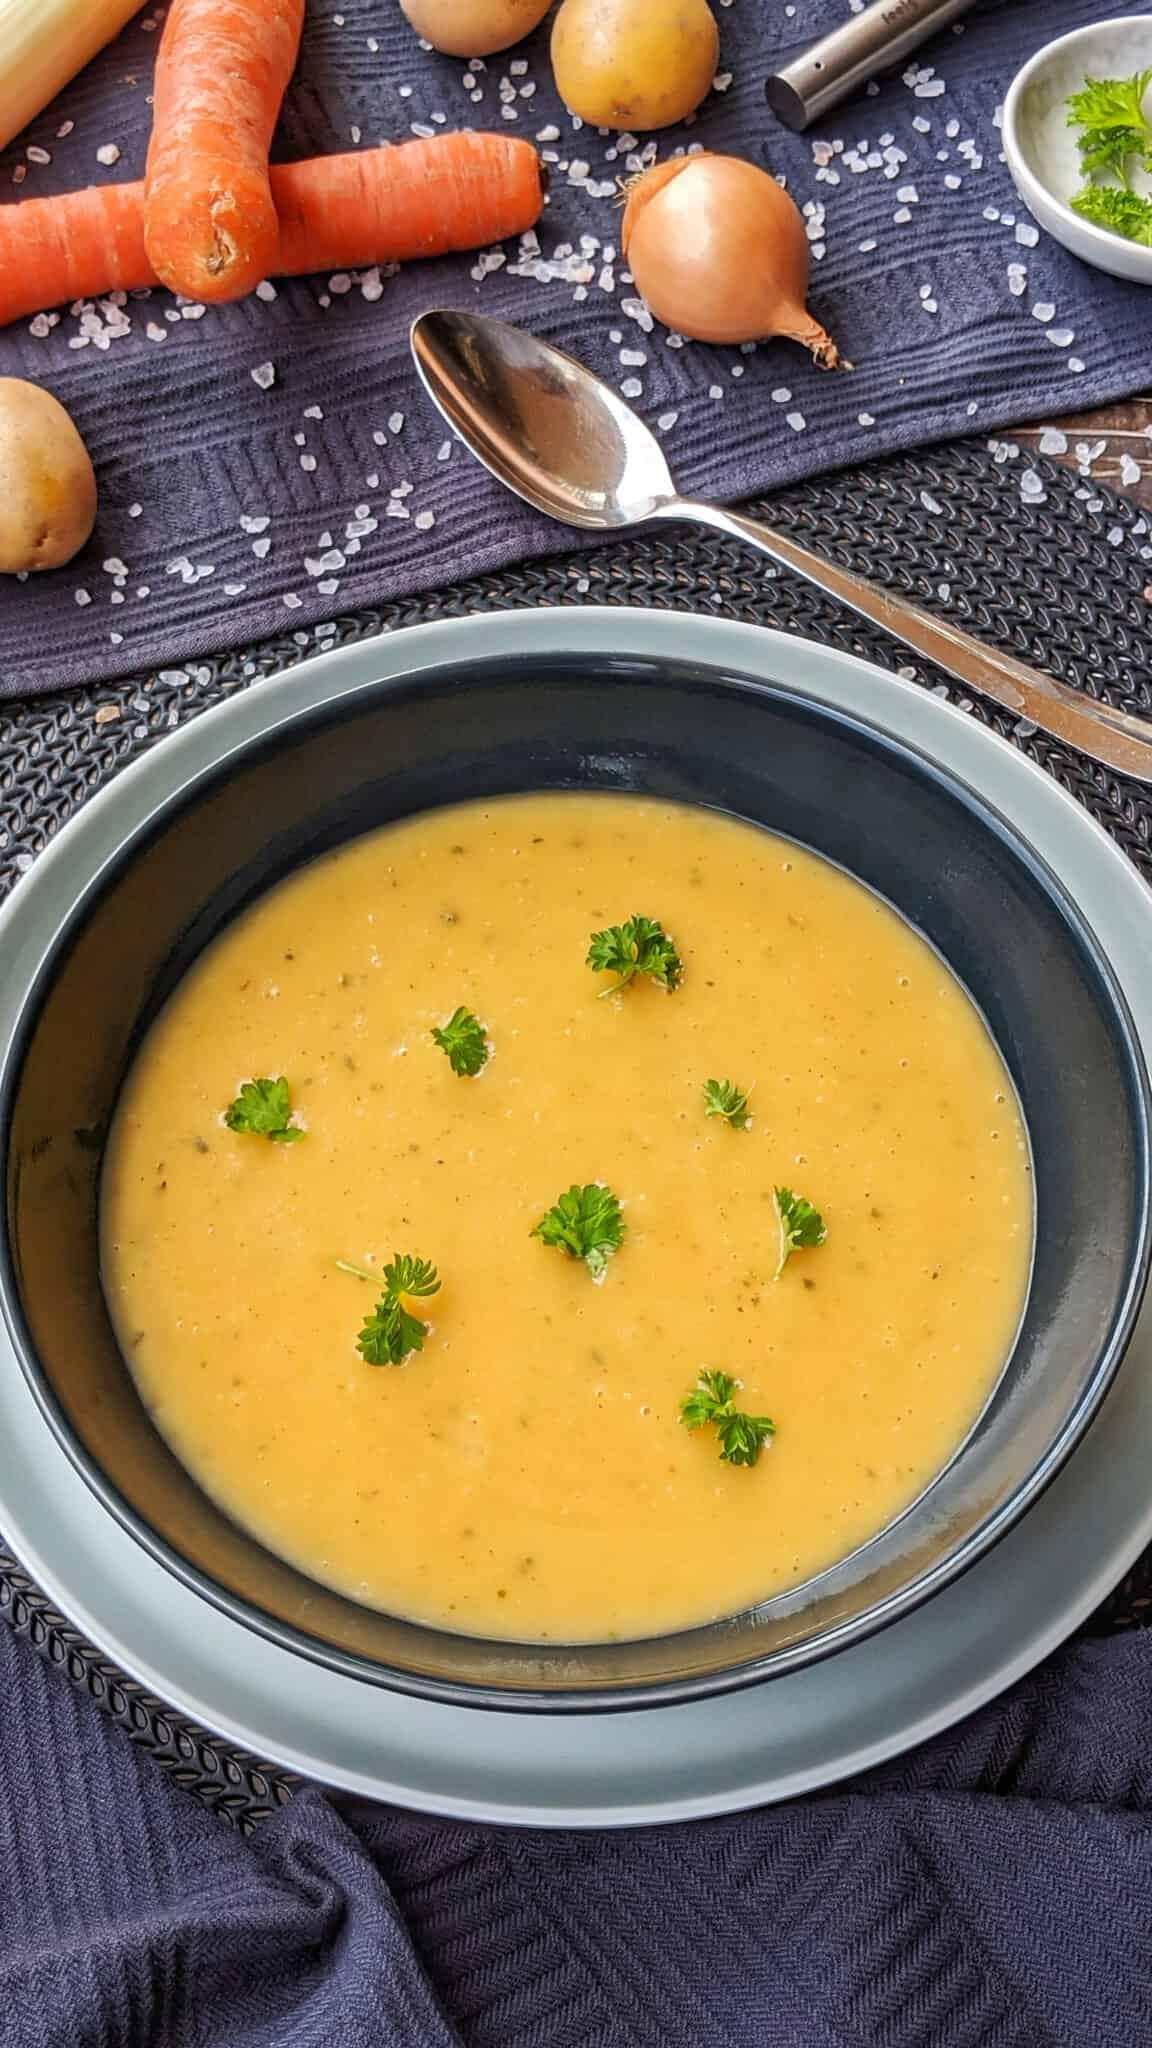 Ein Teller mit Kartoffelsuppe. Darüber Gemüse als Deko.